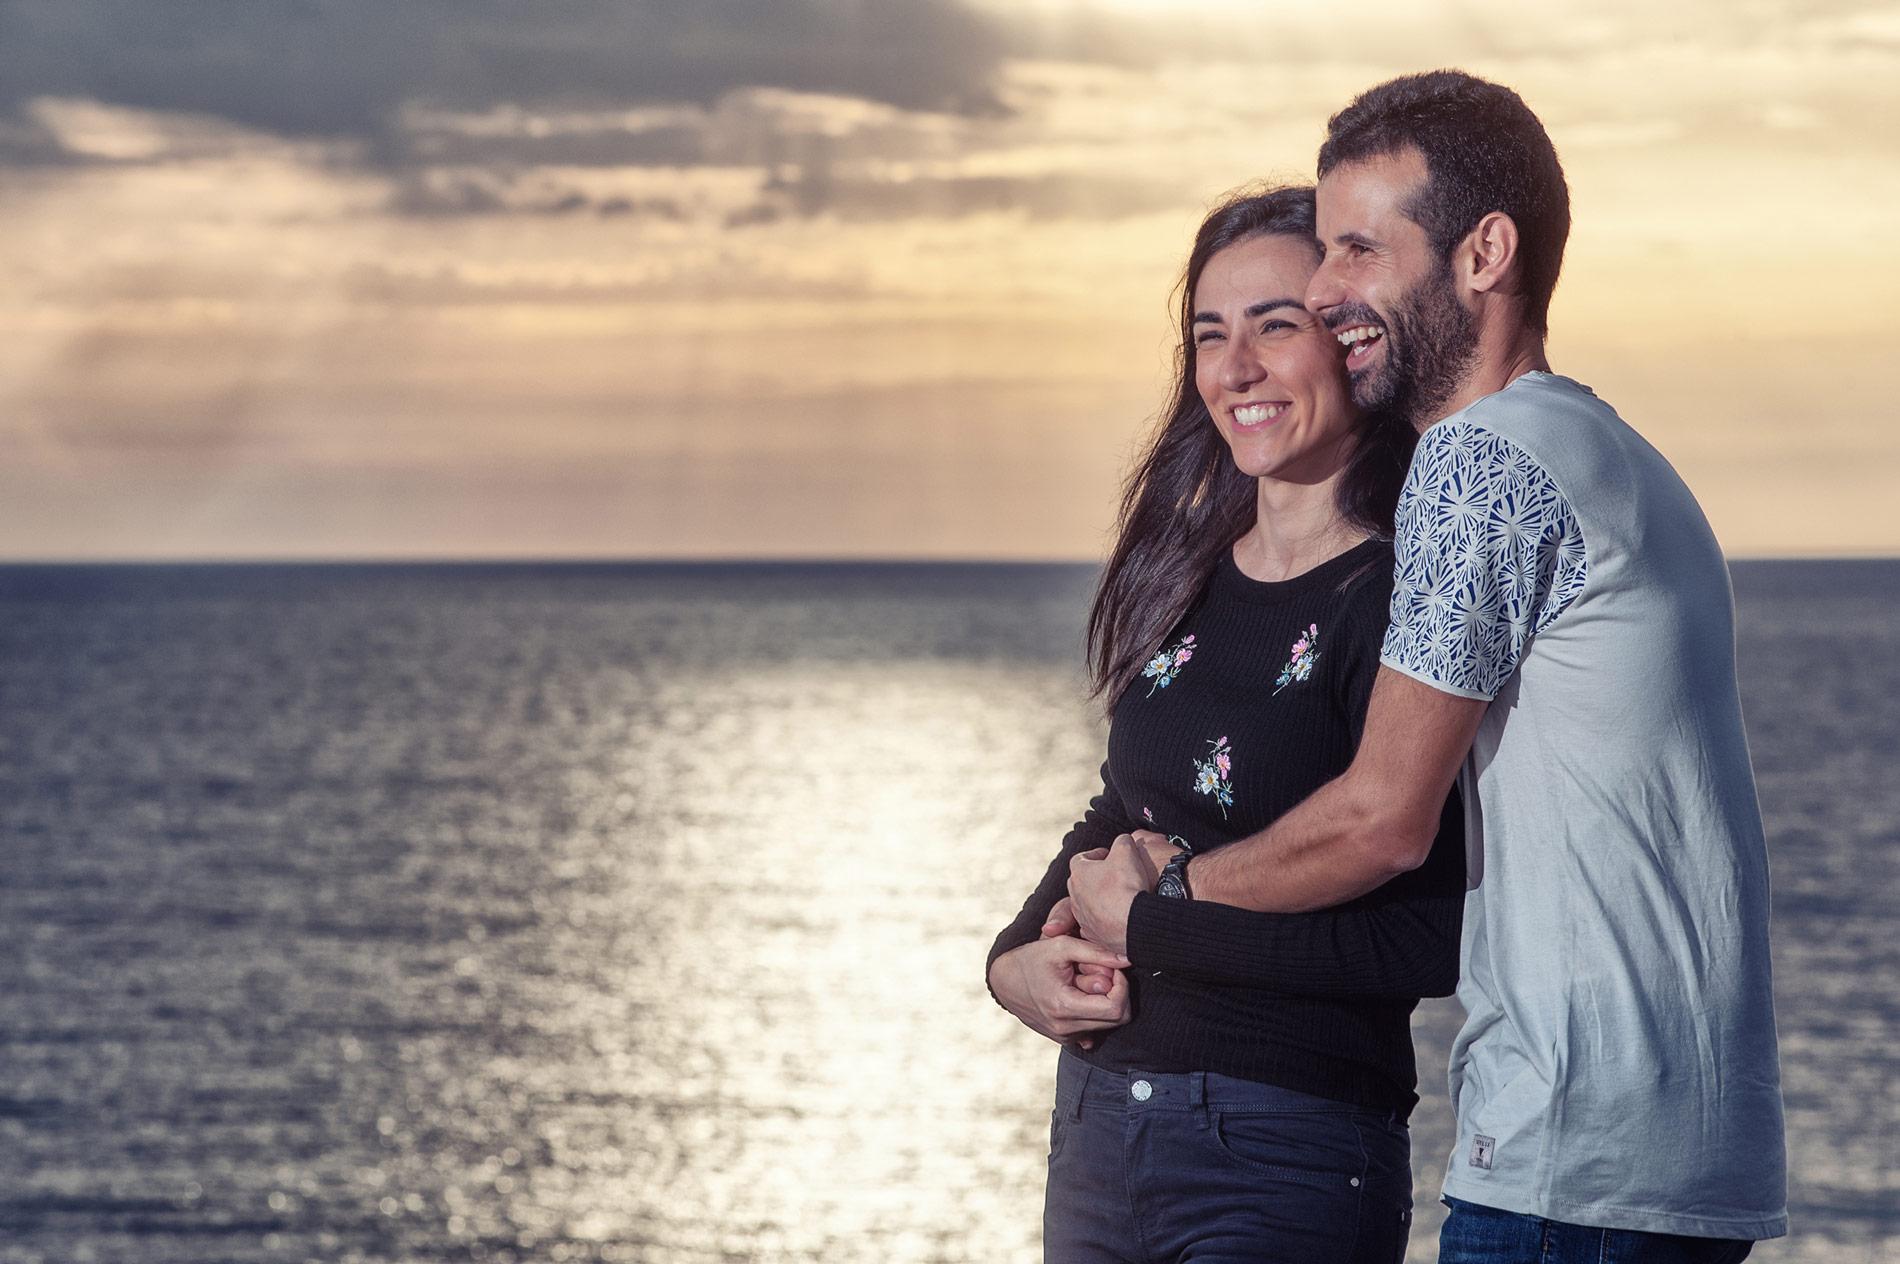 pier-carlo-murru-fotografo-matrimonio-sardegna-cagliari-servizio-matrimoniale-sposi-cinzia-daniele